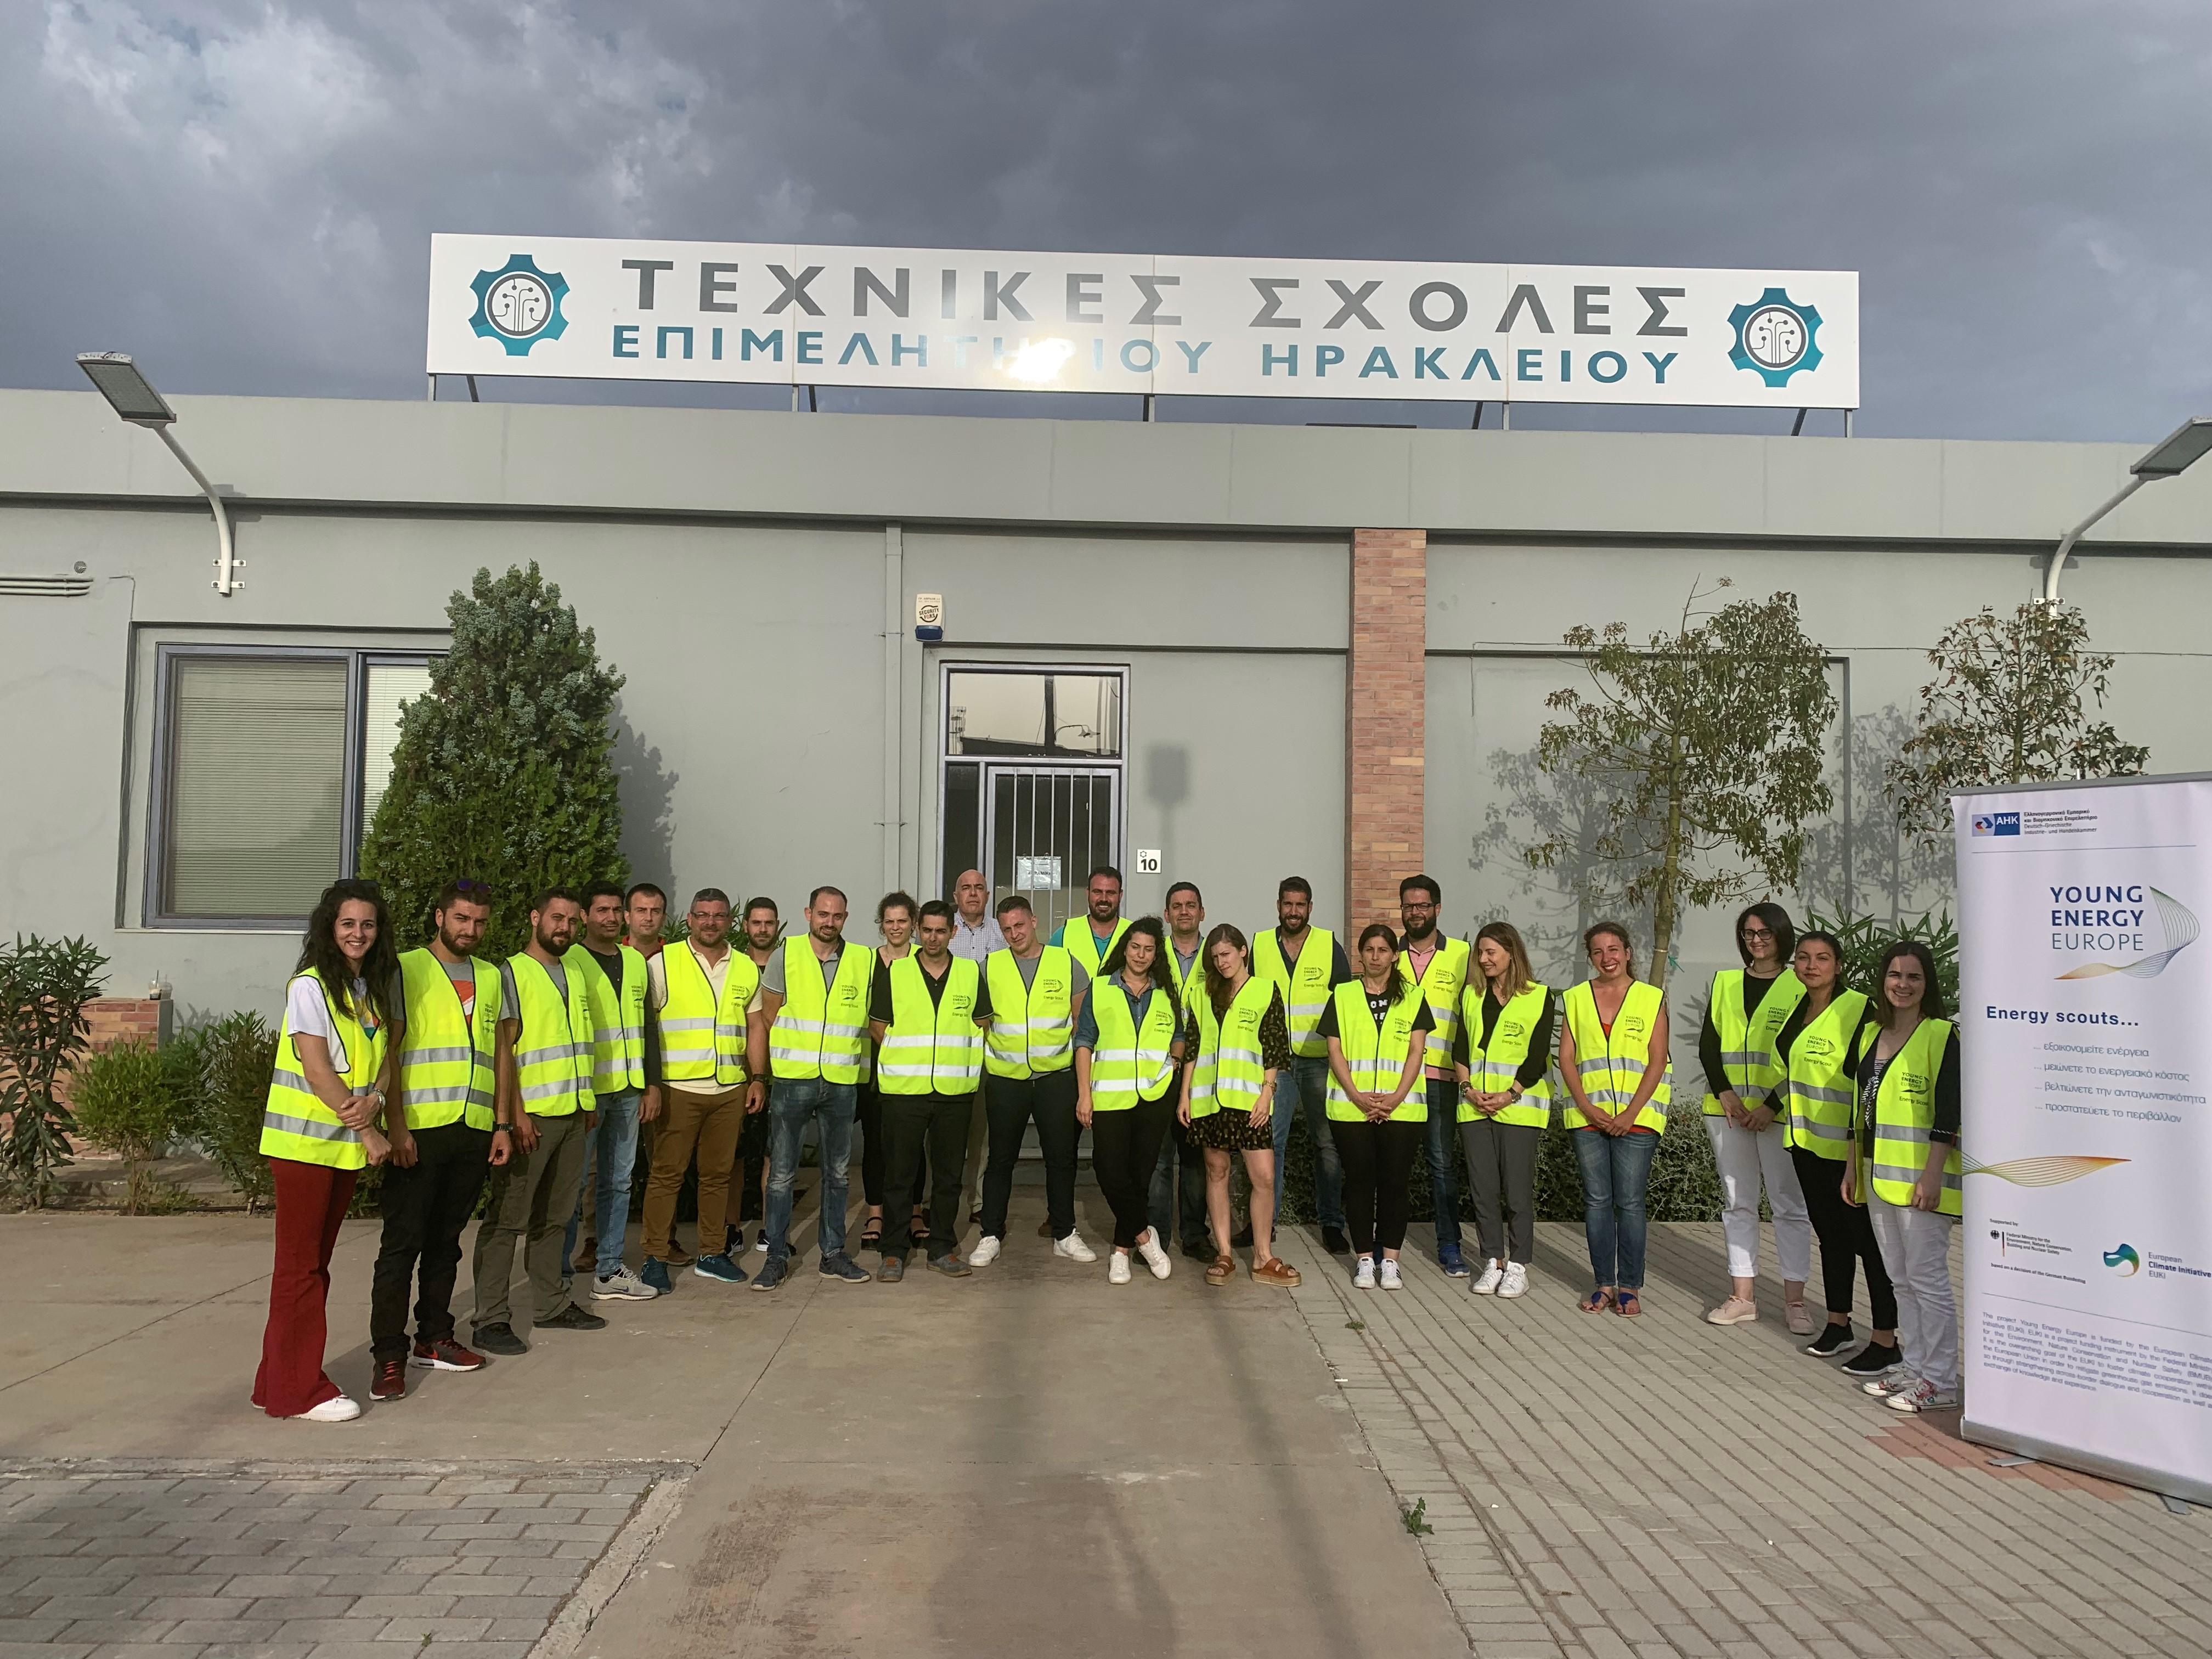 Ολοκληρώνεται ο 2ος κύκλος του προγράμματος «Energy Scouts» για την εξοικονόμηση ενέργειας σε επιχειρήσεις της Κρήτης